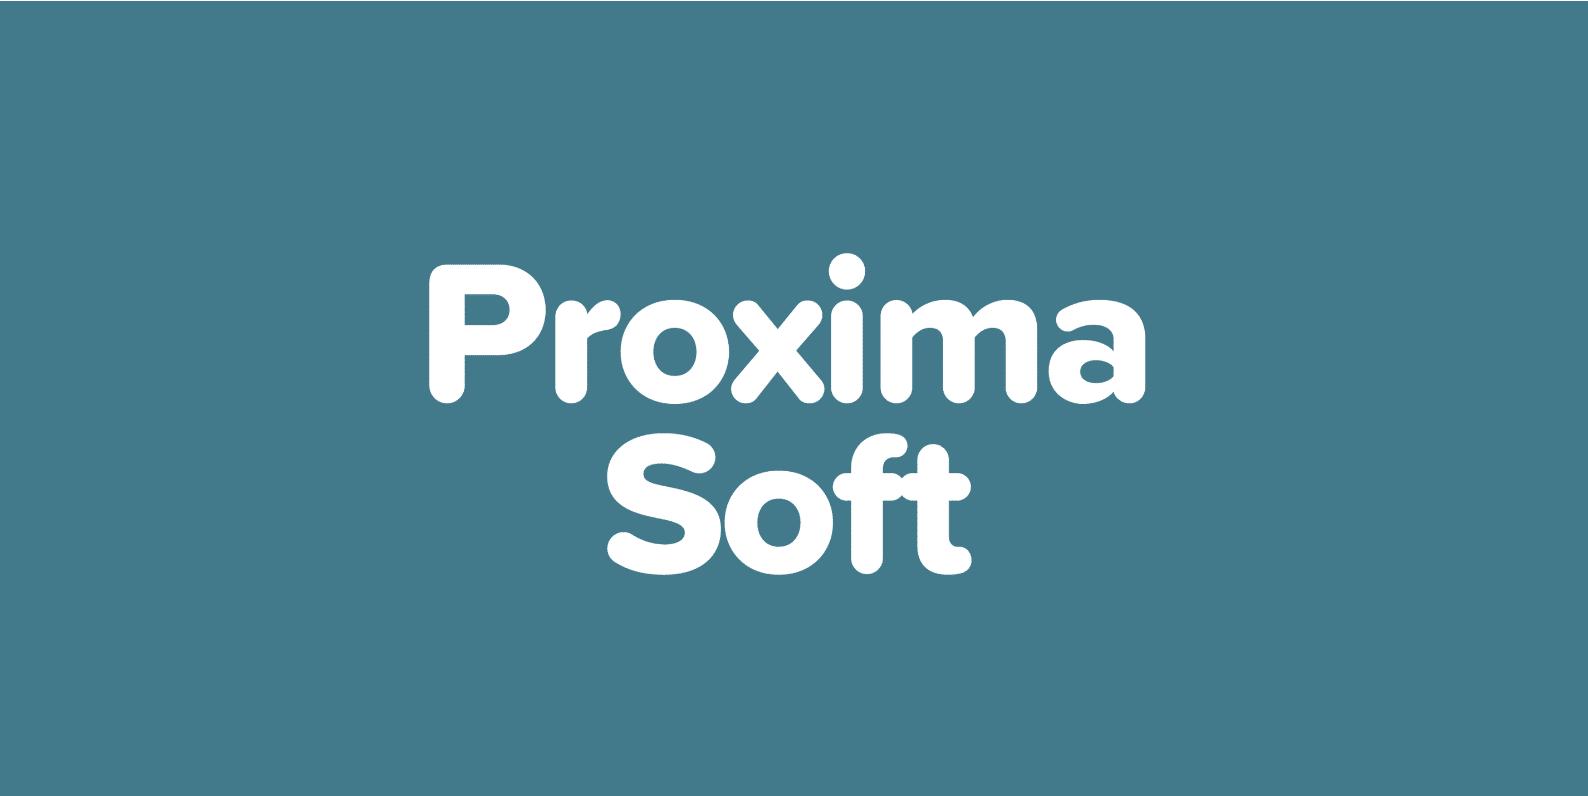 proxima soft font